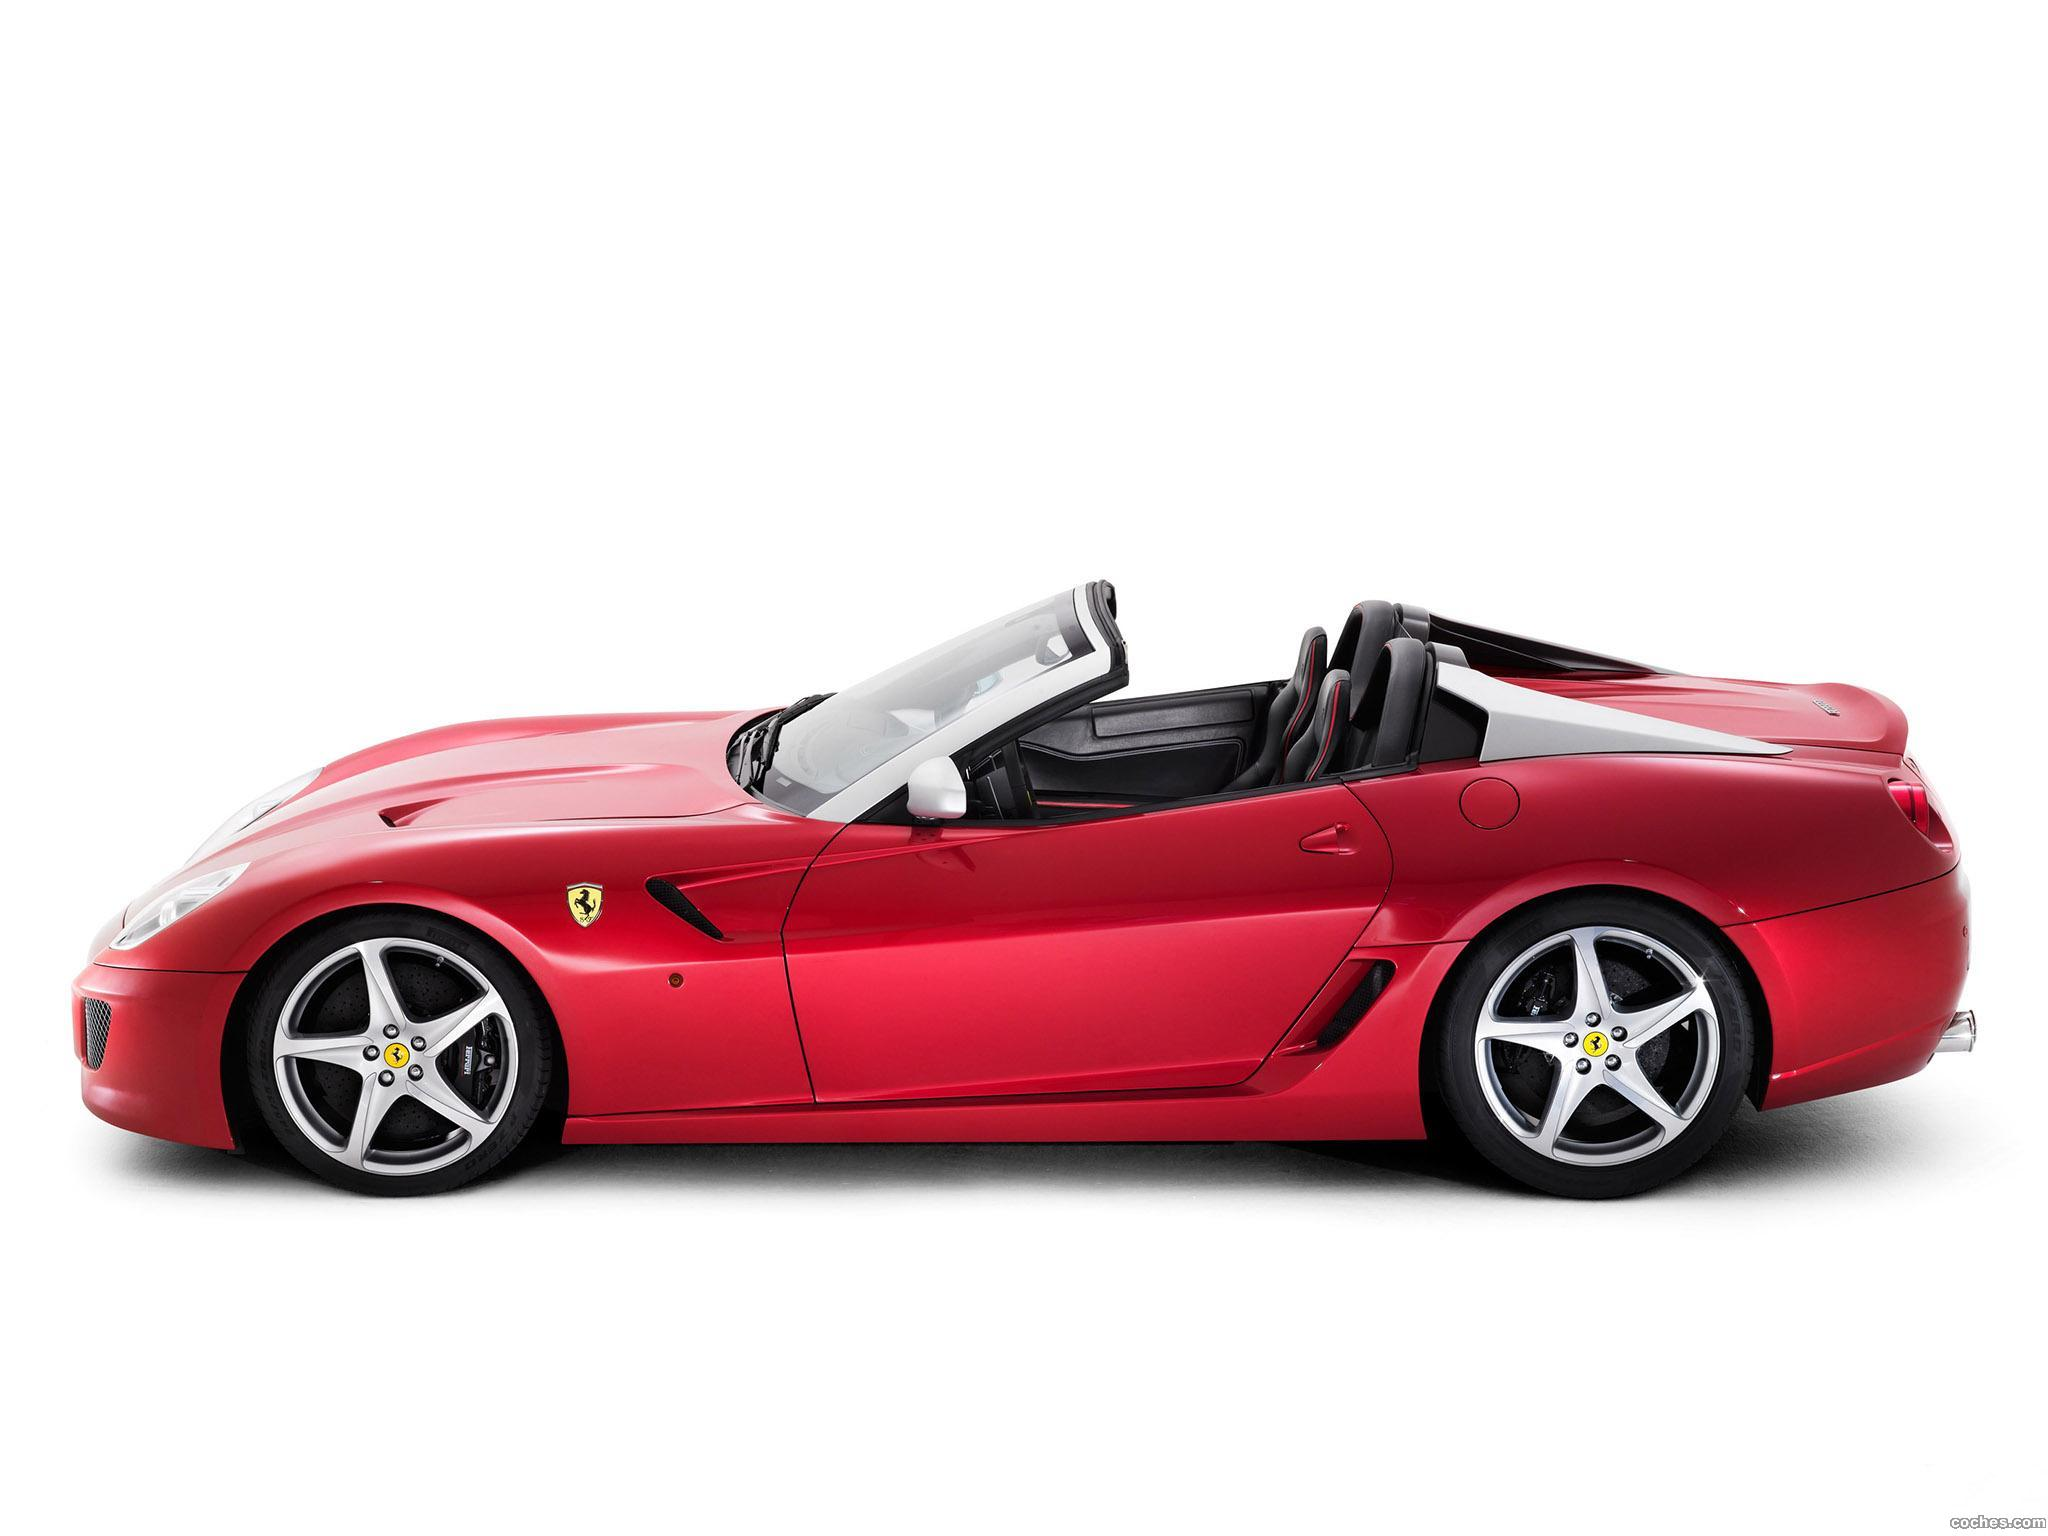 Foto 1 de Ferrari 599 SA Aperta 2010